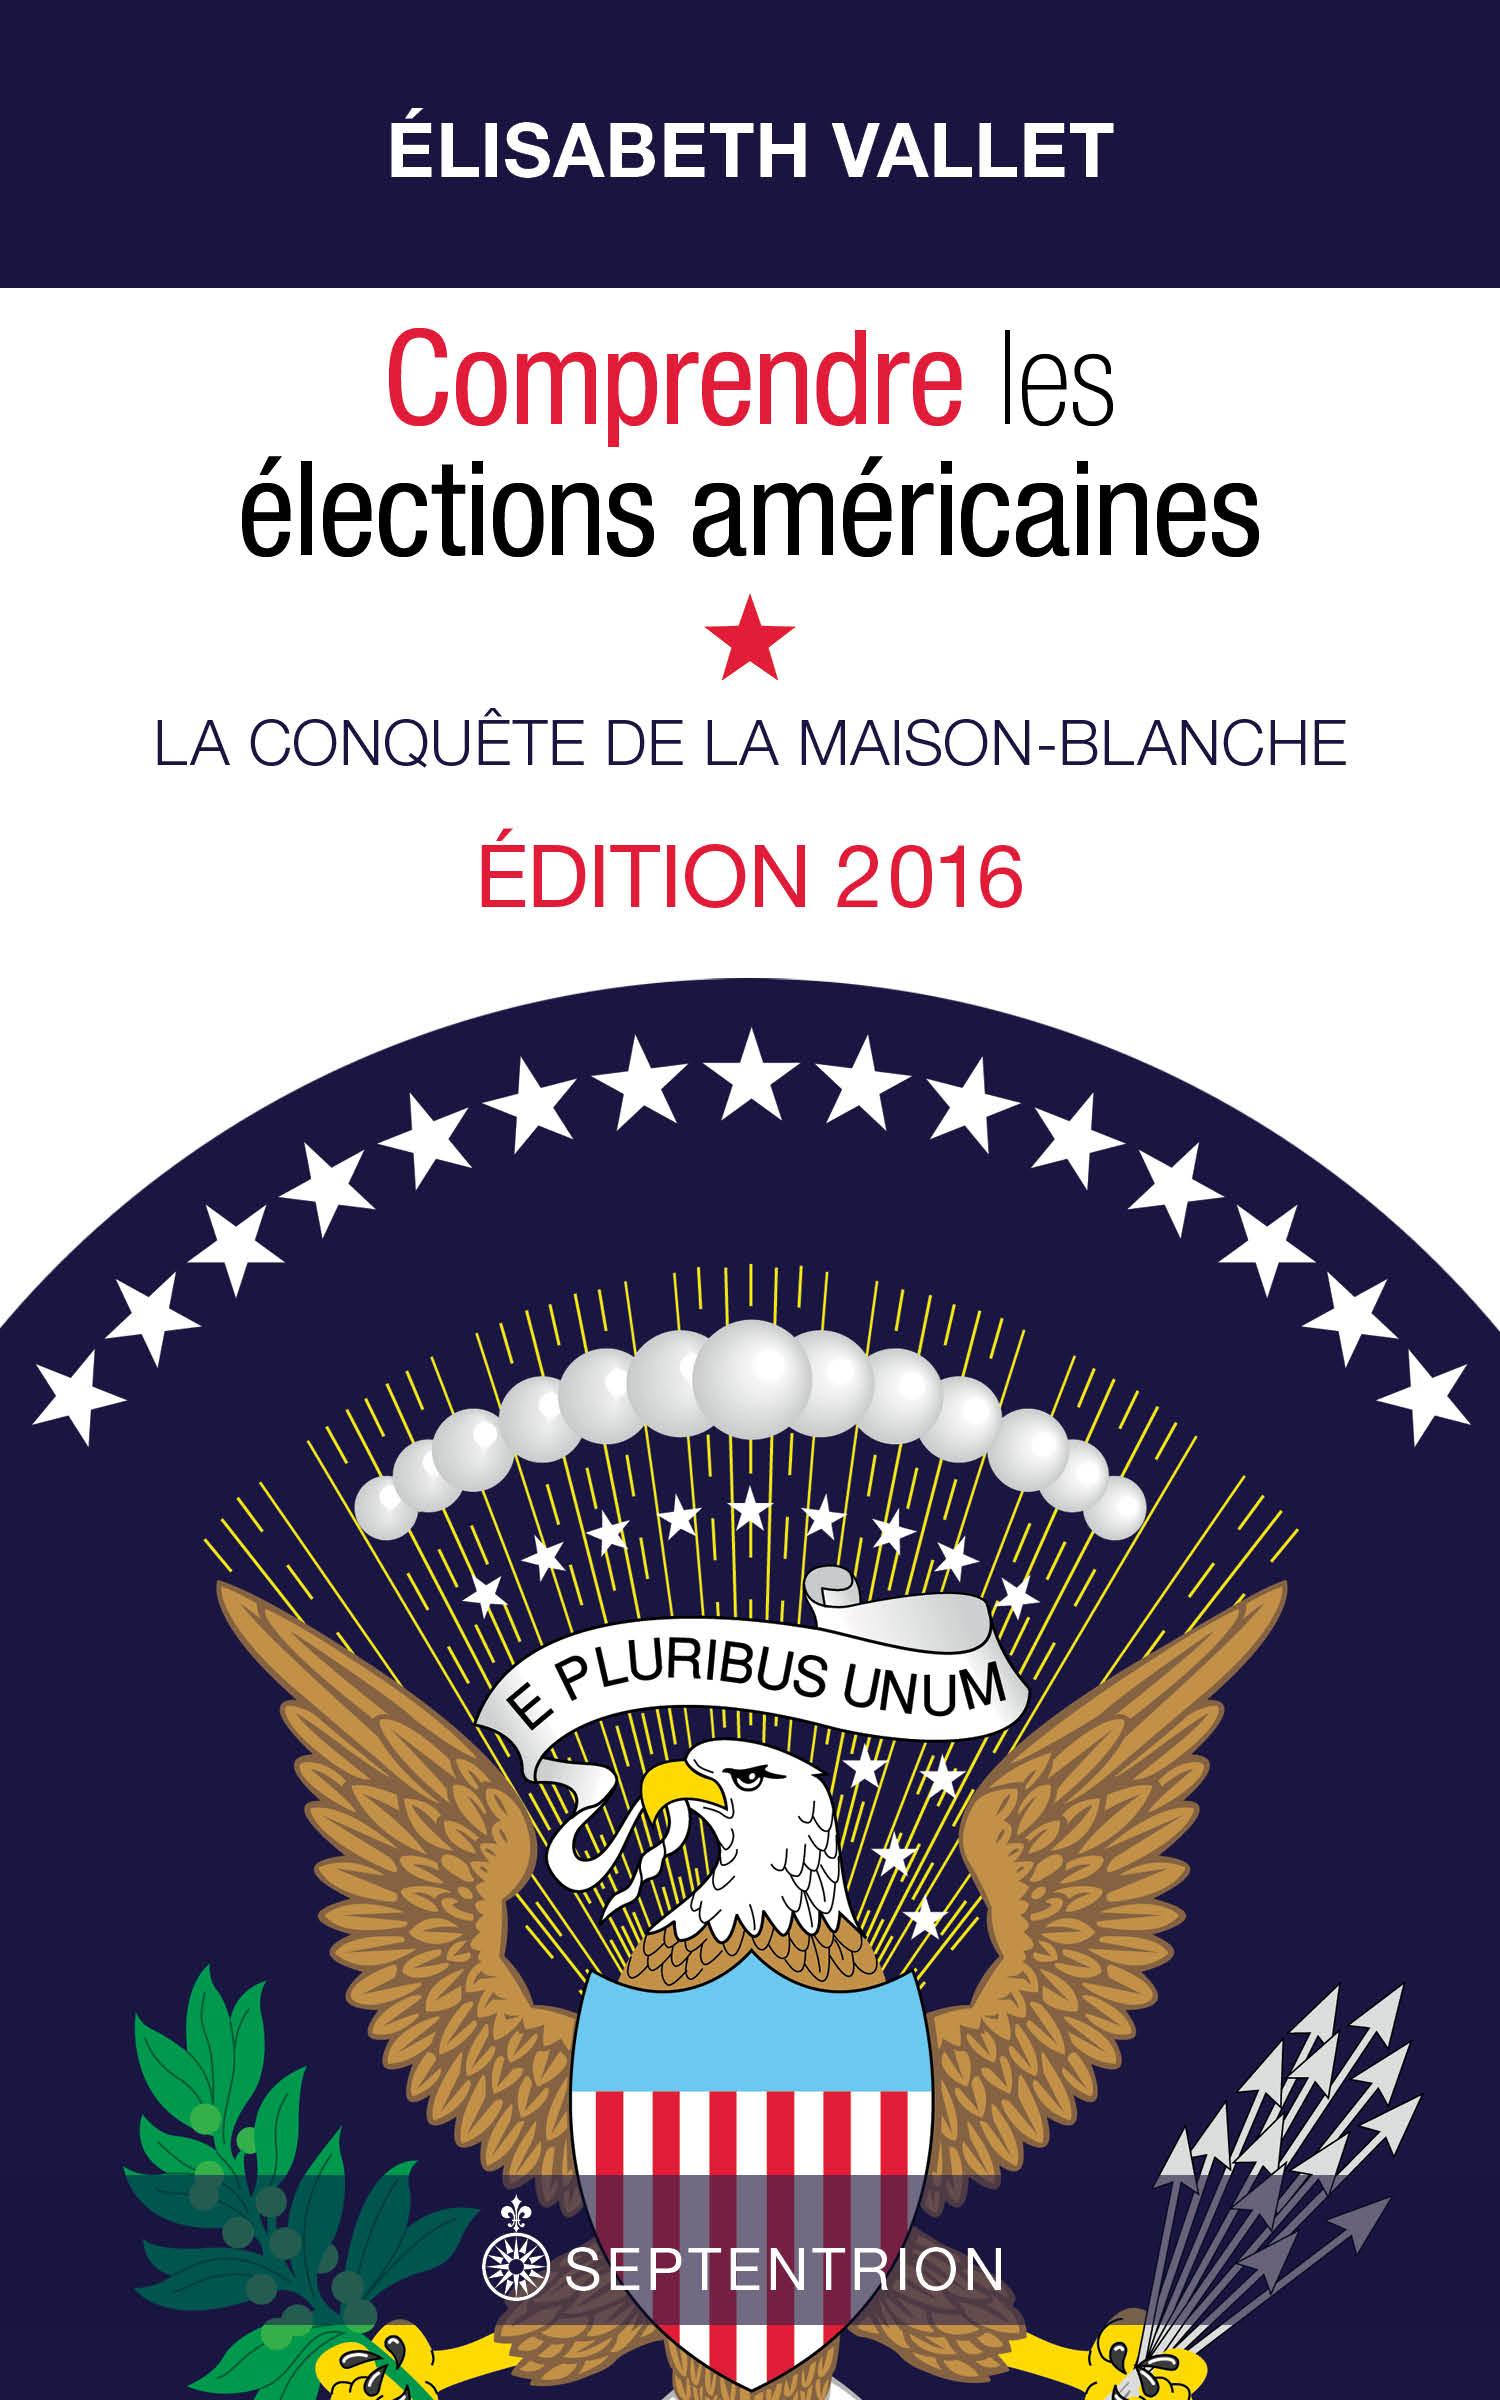 Comprendre les élections américaines, édition 2016